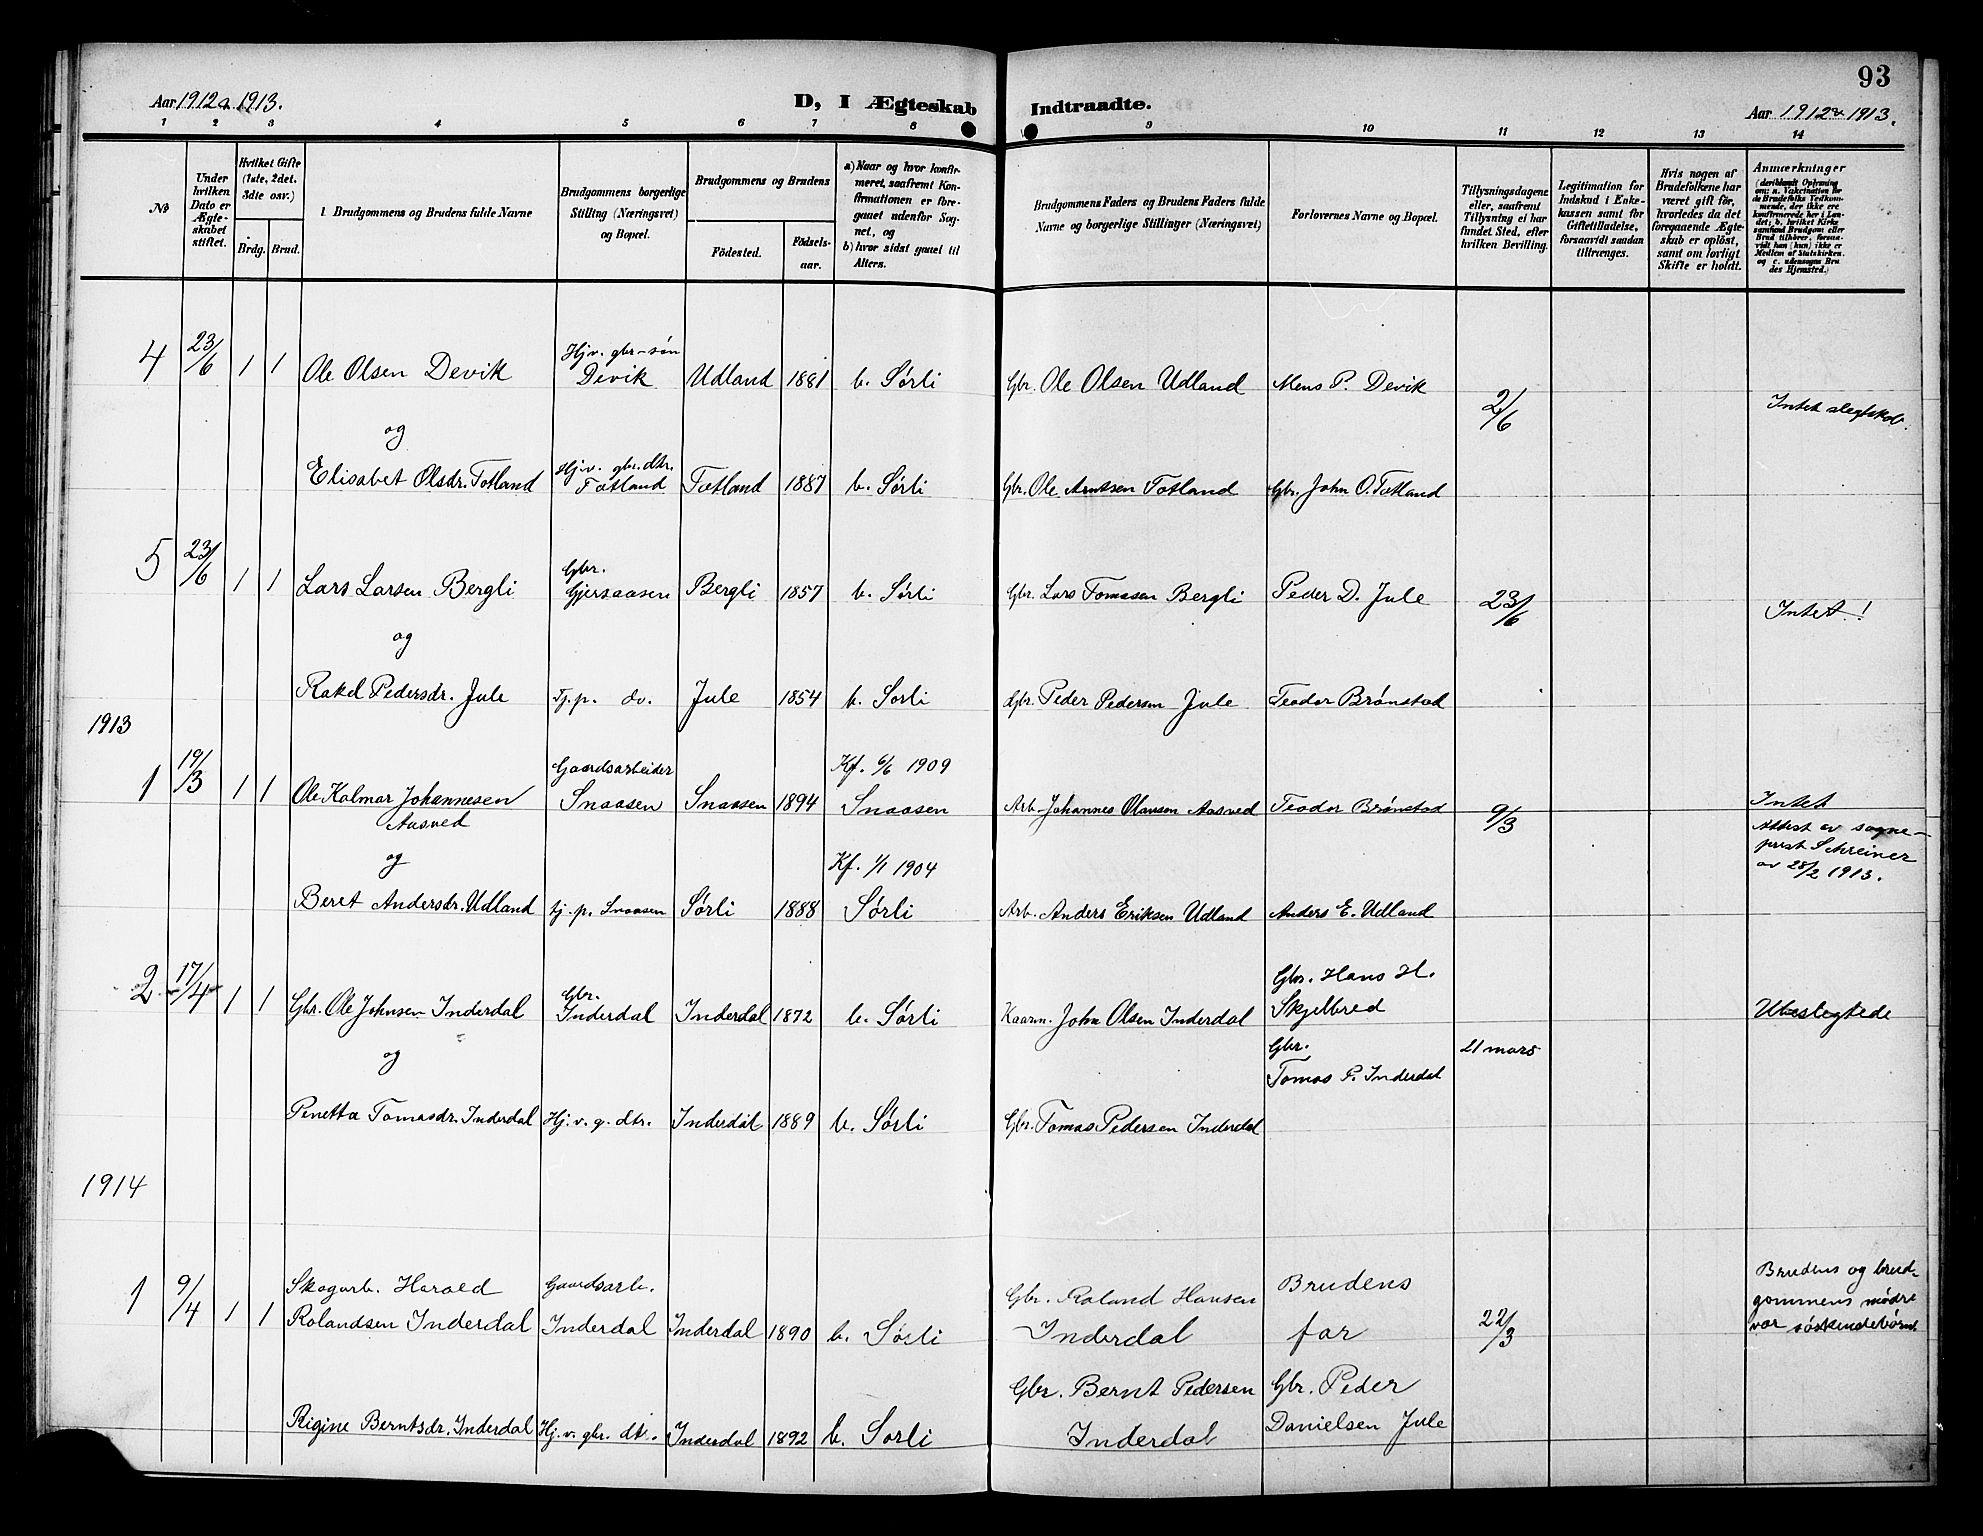 SAT, Ministerialprotokoller, klokkerbøker og fødselsregistre - Nord-Trøndelag, 757/L0506: Klokkerbok nr. 757C01, 1904-1922, s. 93